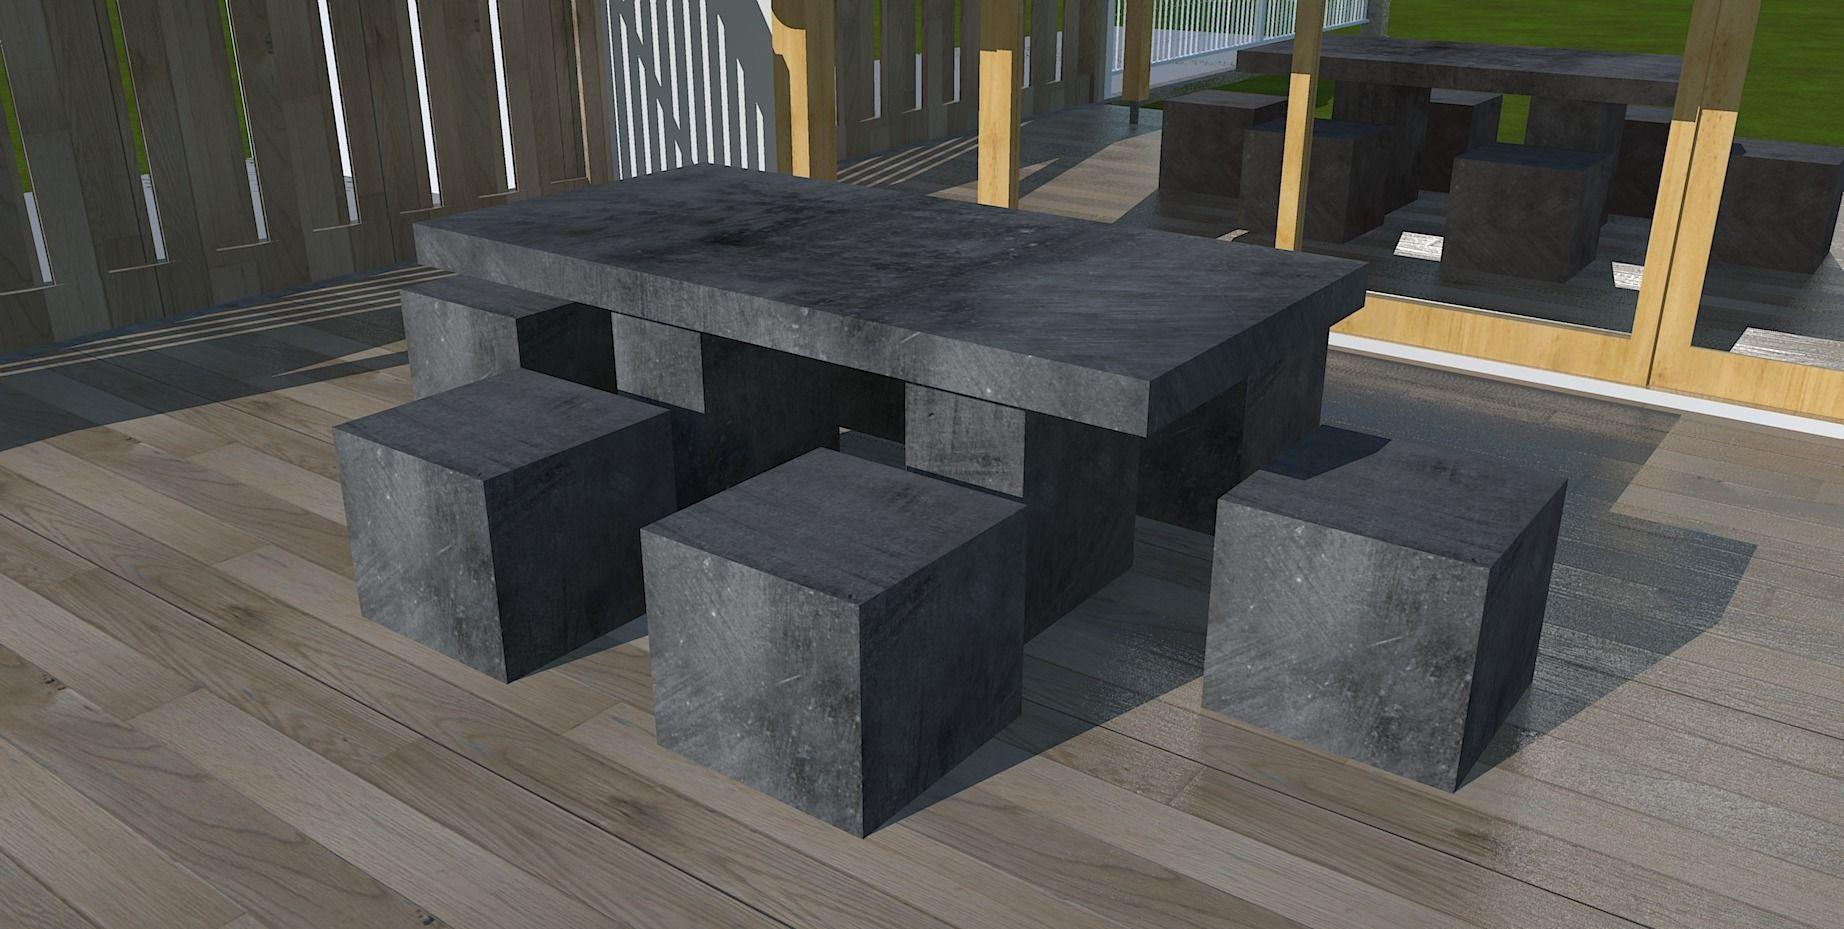 Ensemble Table Exterieur 6 Personnes Avec Tabourets Cube En Beton Cire Meubles Et Rangements Pa Mobilier De Salon Meuble Cuisine Exterieur Meuble Exterieur